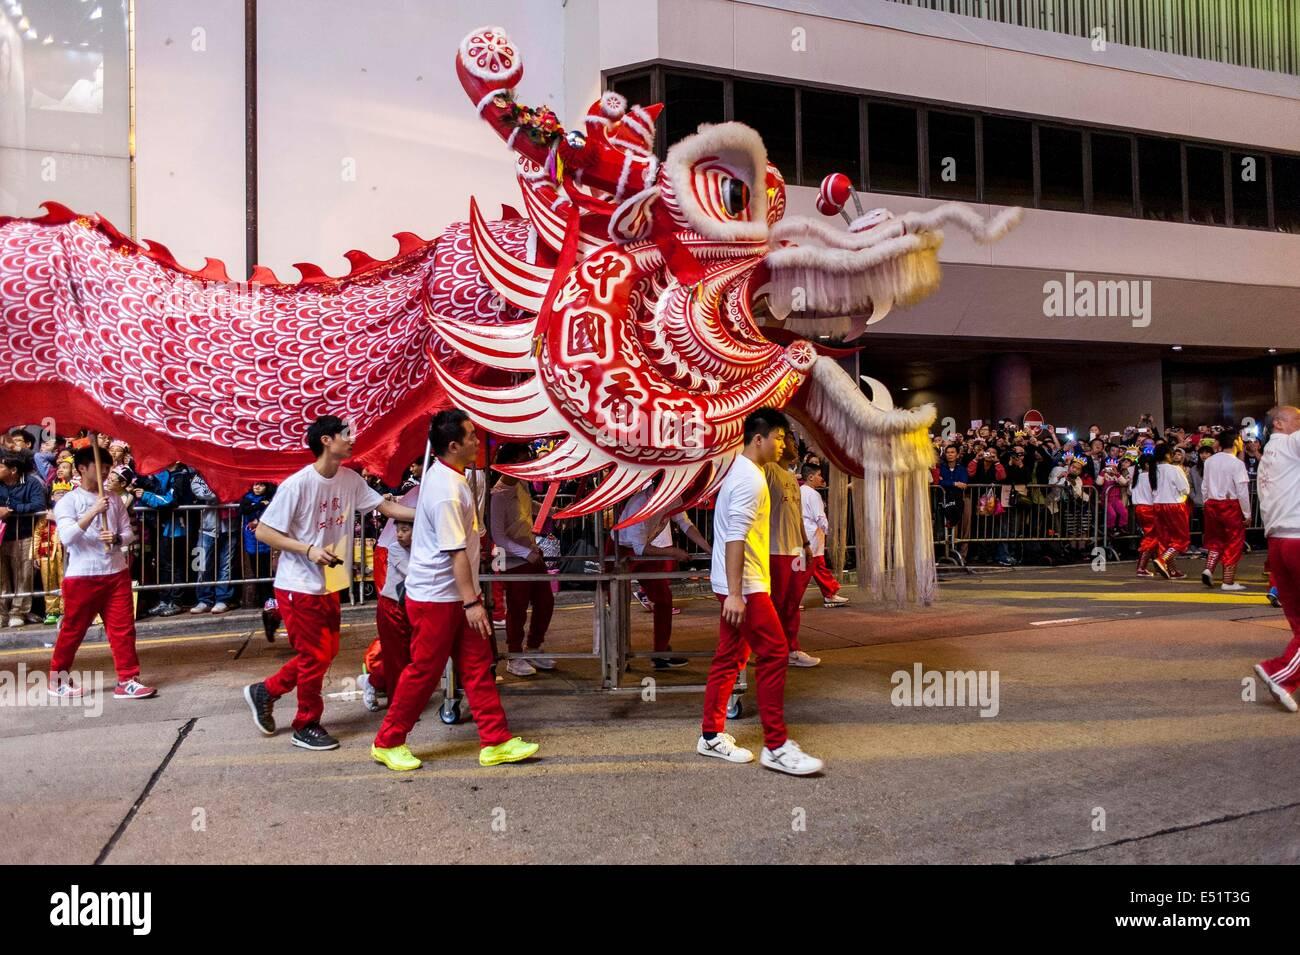 HONG KONG, CHINA 30Jan 2014 - Artists perform during the Chinese New Year of the Horse Parade at Tsim Sha Tsui on - Stock Image